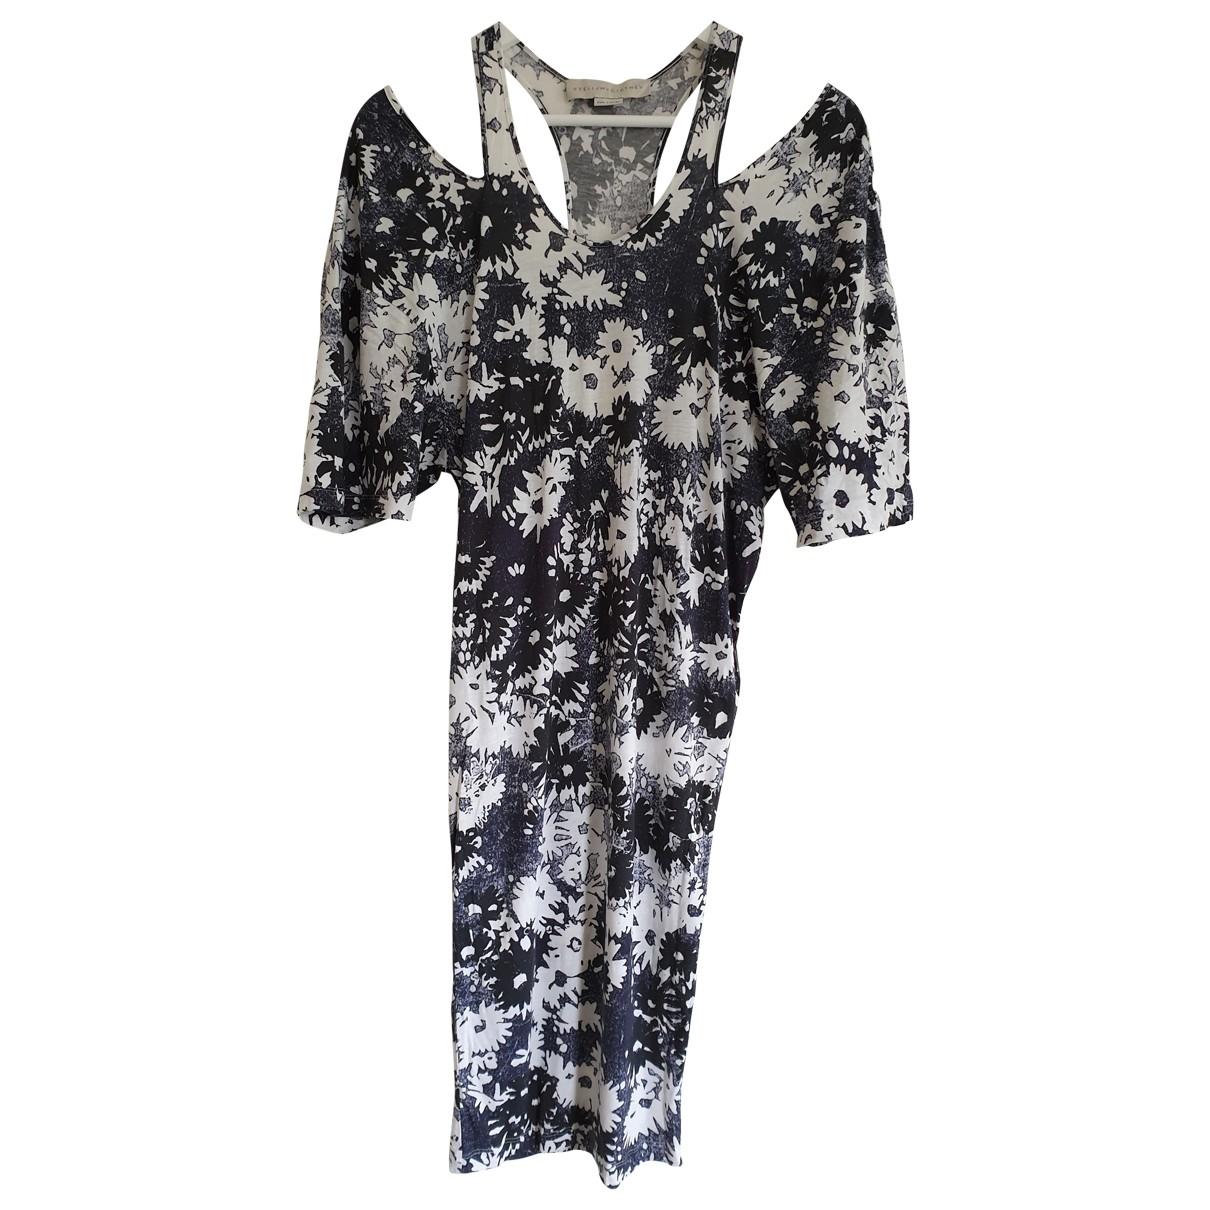 Stella Mccartney \N Grey dress for Women 38 IT